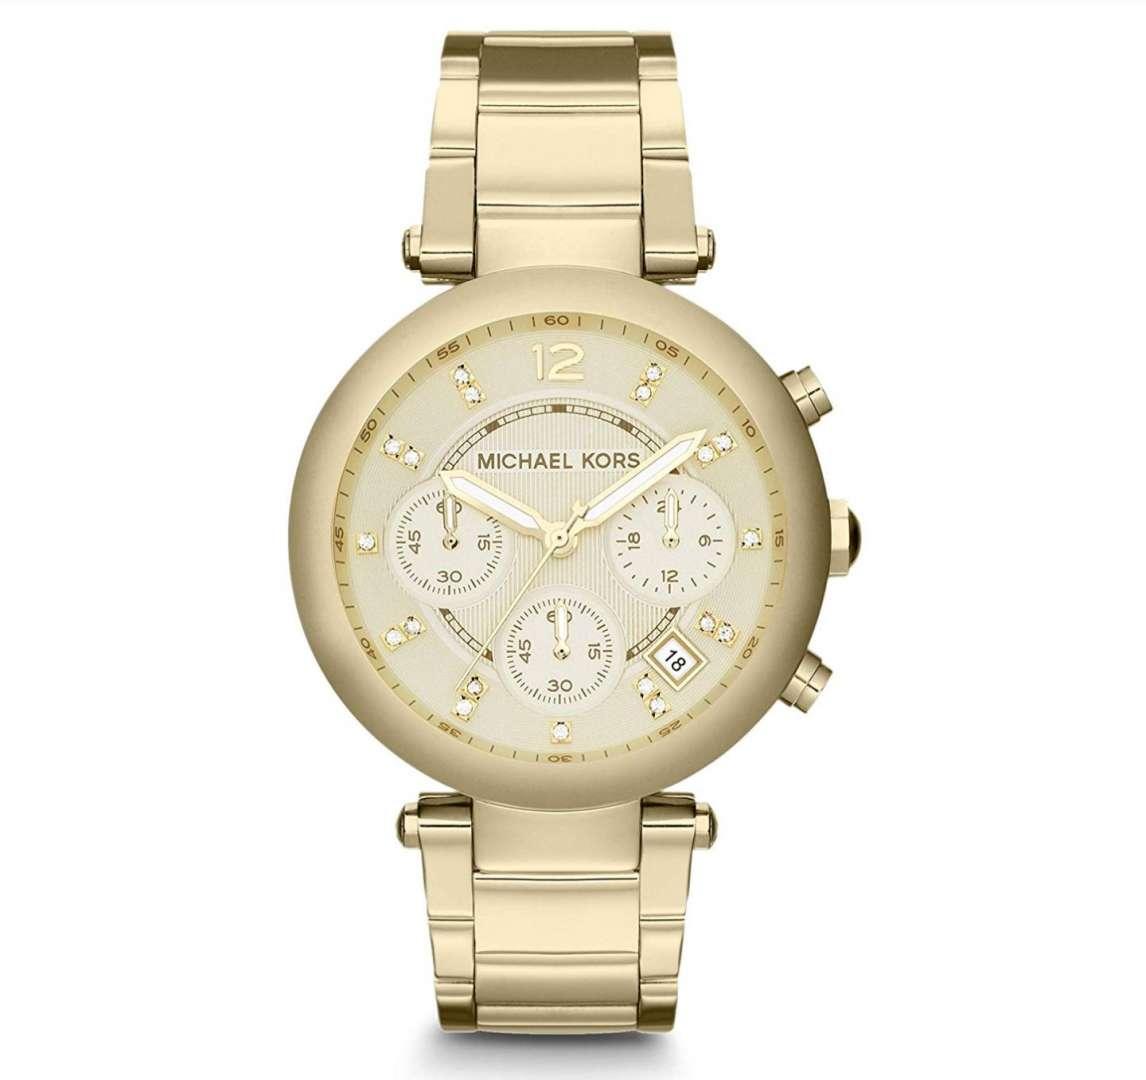 שעון יד אנלוגי לאישה michael kors mk5701 מייקל קורס